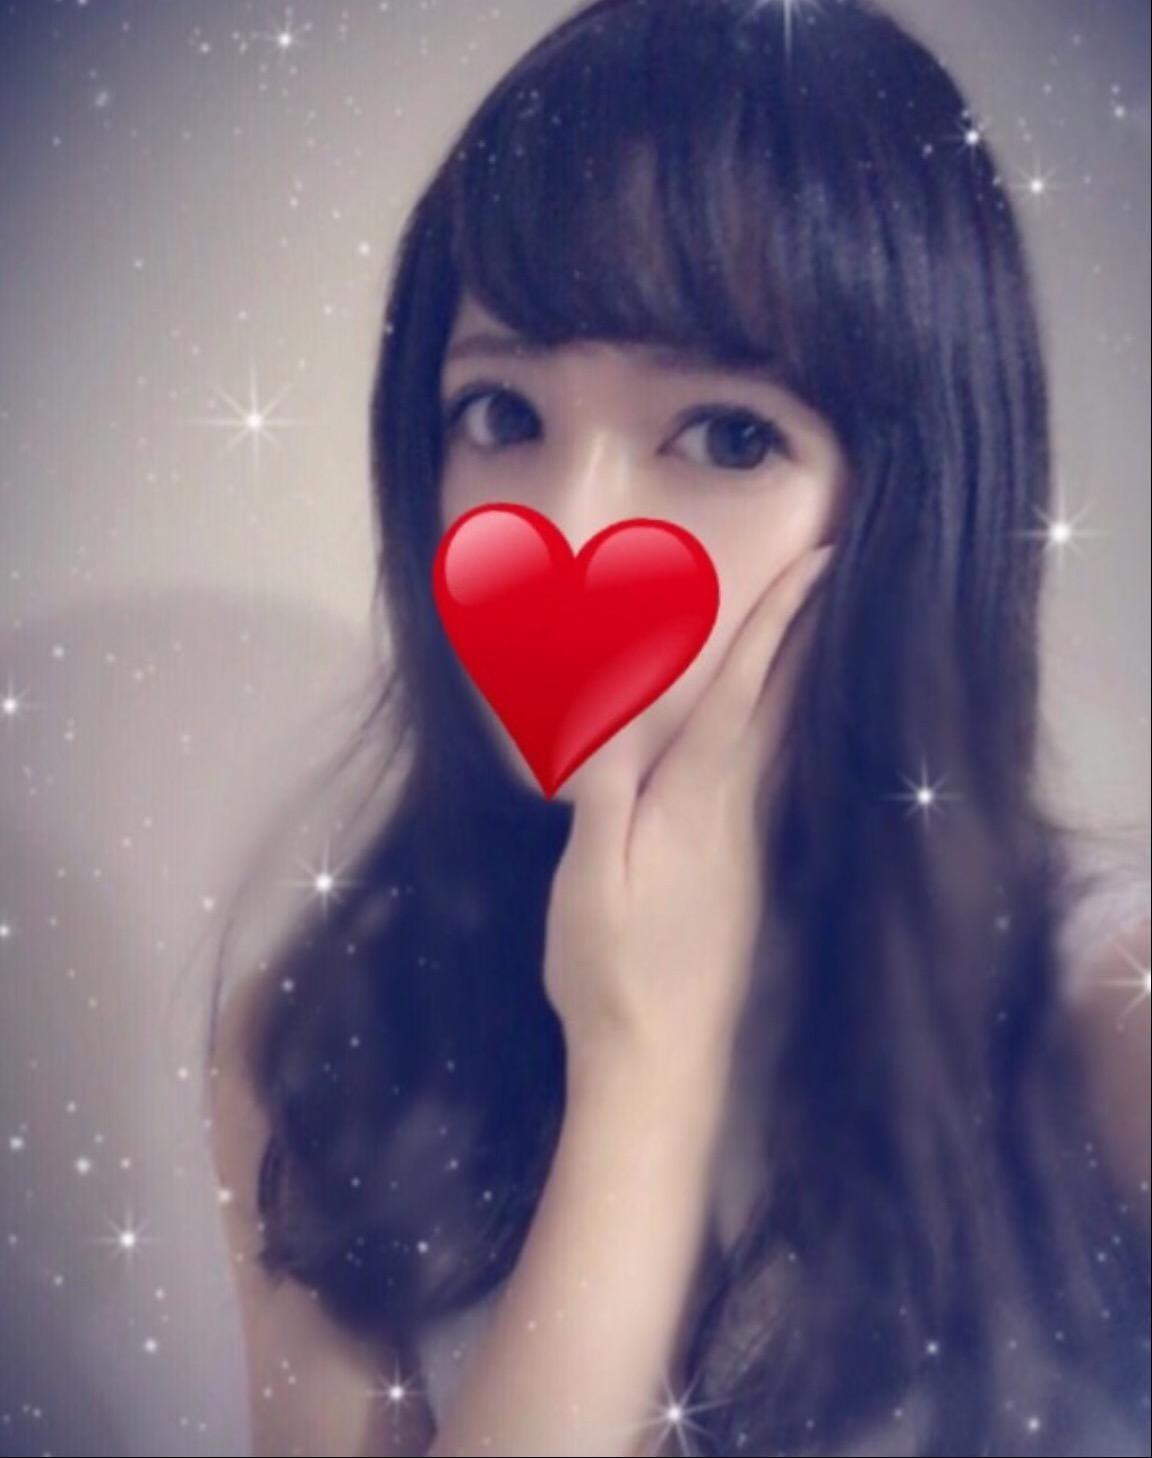 「お久しぶりです(`・ω・´)」05/20(05/20) 17:52 | カリンの写メ・風俗動画